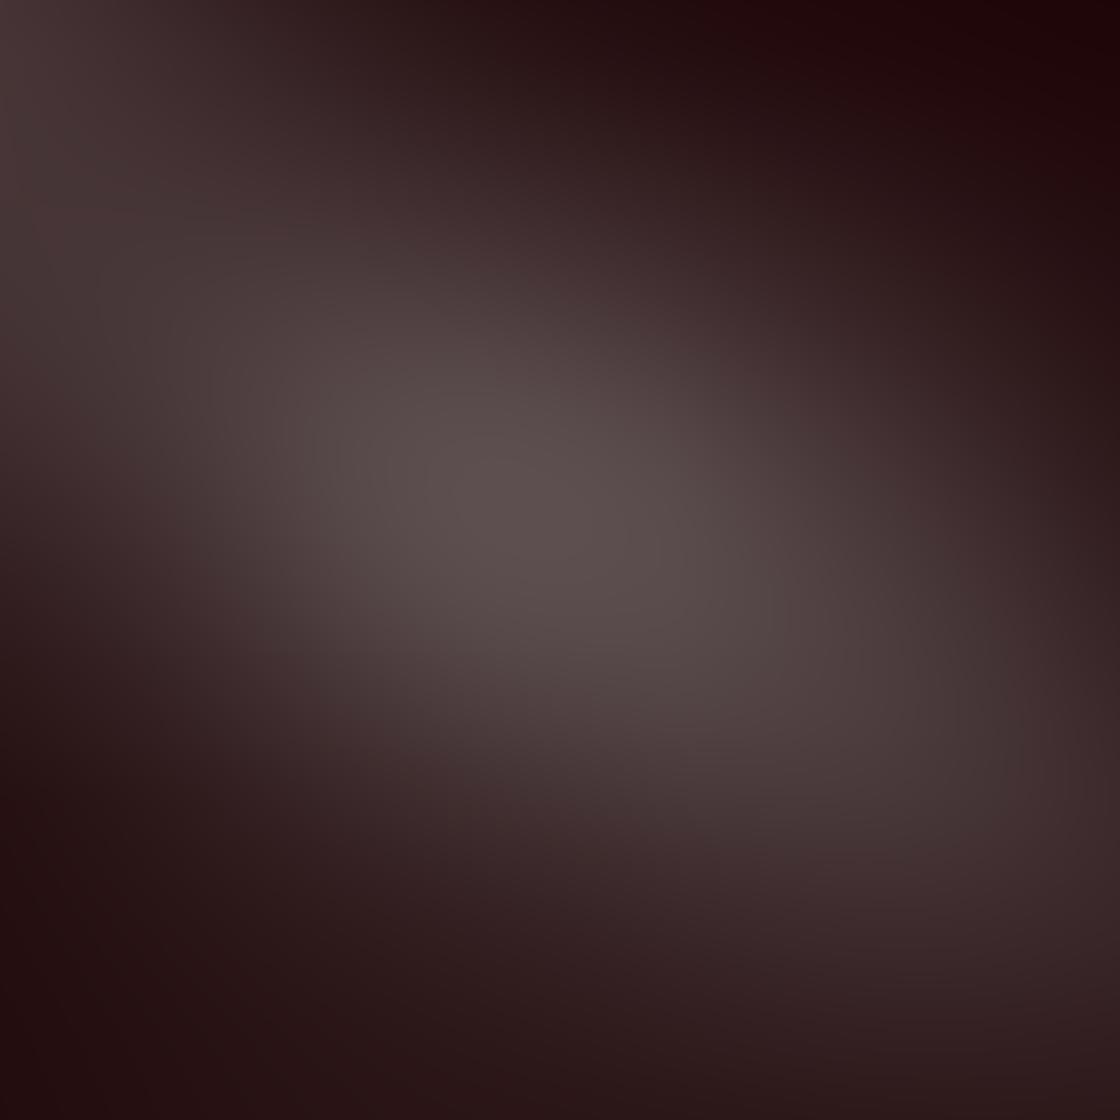 iPhone Photos Low Light 2